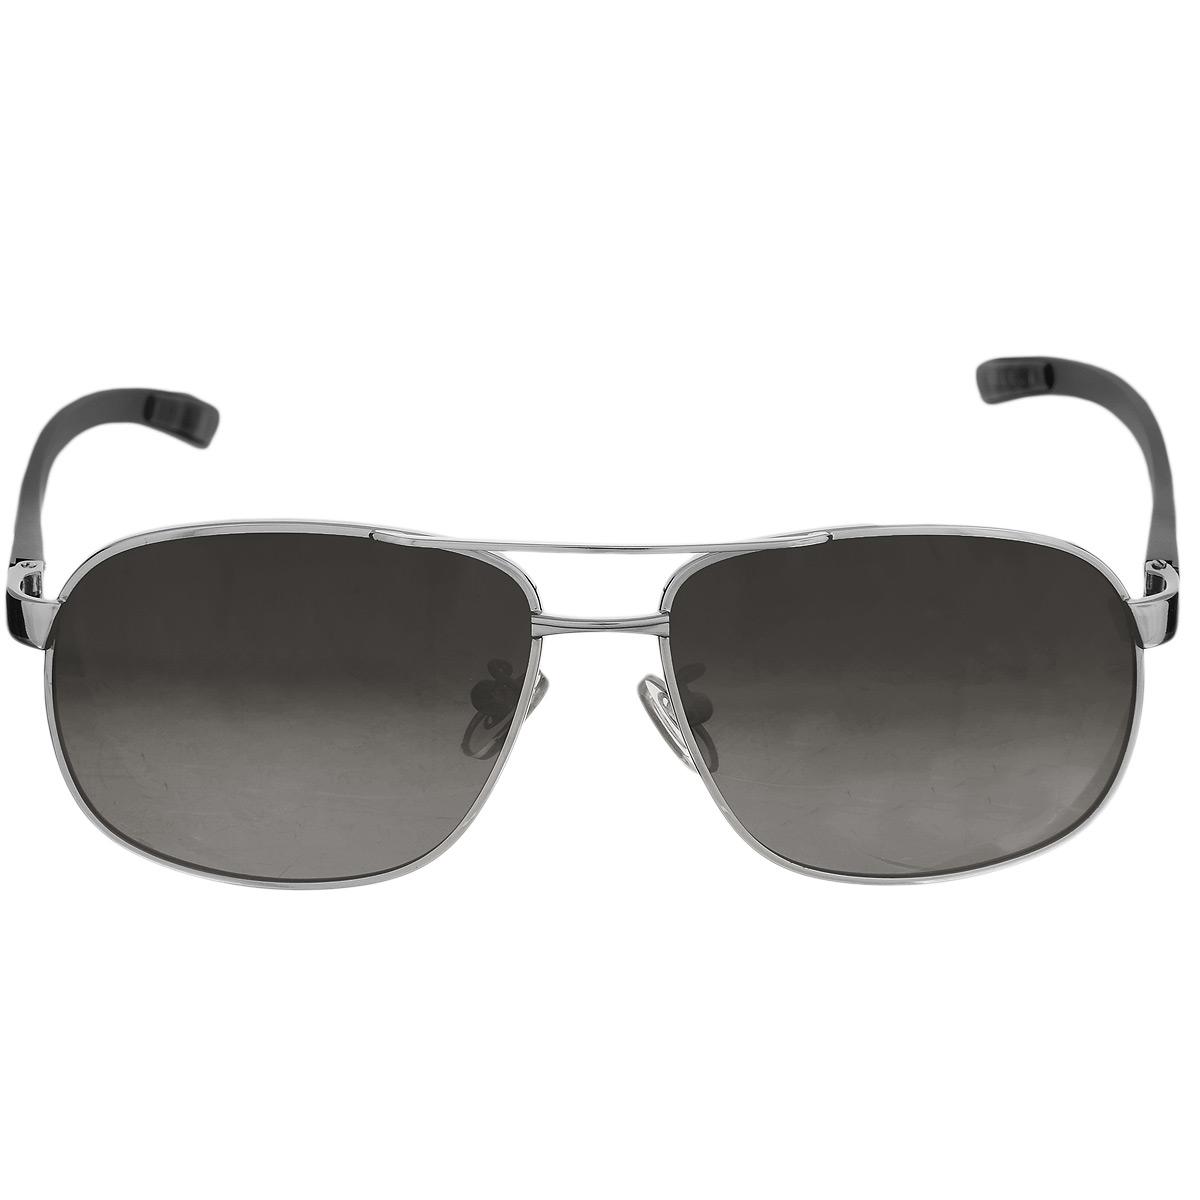 Солнцезащитные очки мужские Selena, цвет: черный. 8003184180031841Солнцезащитные мужские очки Selena, выполненные с линзами из высококачественного пластика PC с зеркальным эффектом fresh mirror. Используемый пластик не искажает изображение, не подвержен нагреванию и вредному воздействию солнечных лучей. Линзы данных очков с высокоэффективным UV-фильтром обеспечивают полную защиту от ультрафиолетовых лучей. Металлическая оправа очков легкая, прилегающей формы и поэтому не создает никакого дискомфорта. Такие очки защитят глаза от ультрафиолетовых лучей, подчеркнут вашу индивидуальность и сделают ваш образ завершенным.